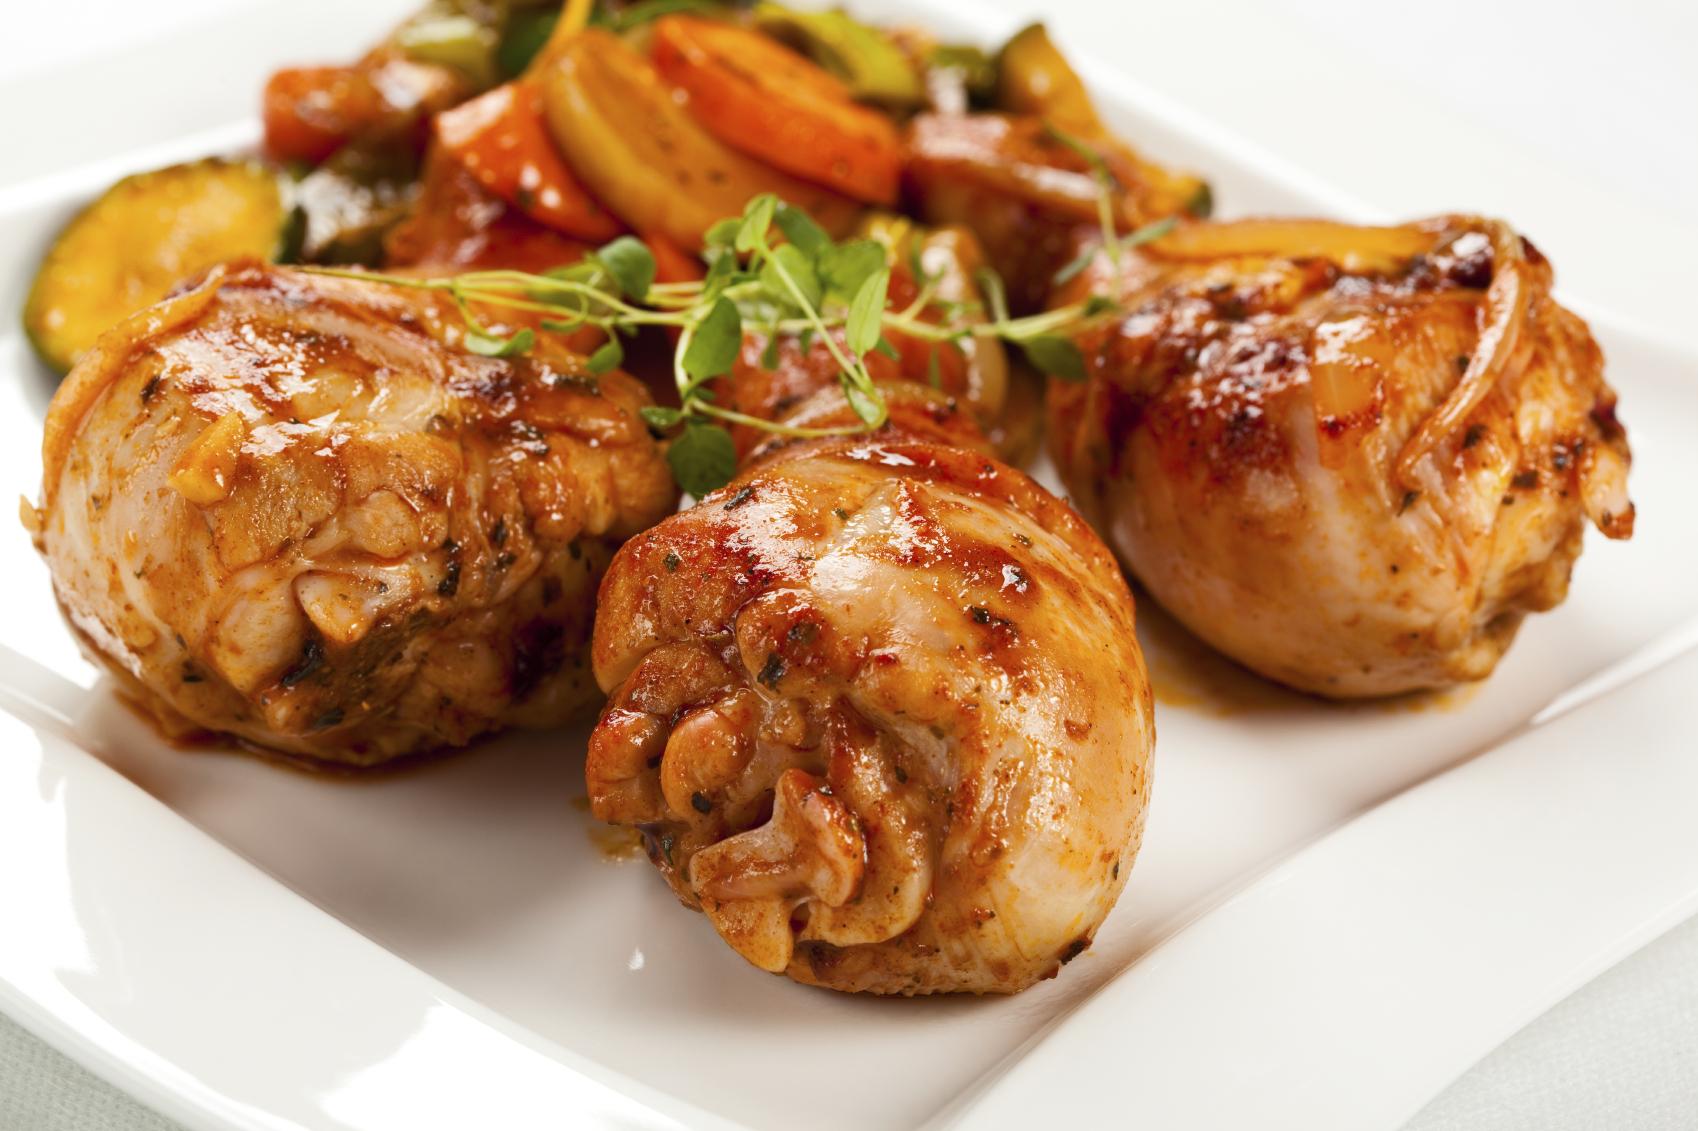 Muslos de pollo aderezados con salsa de tomate